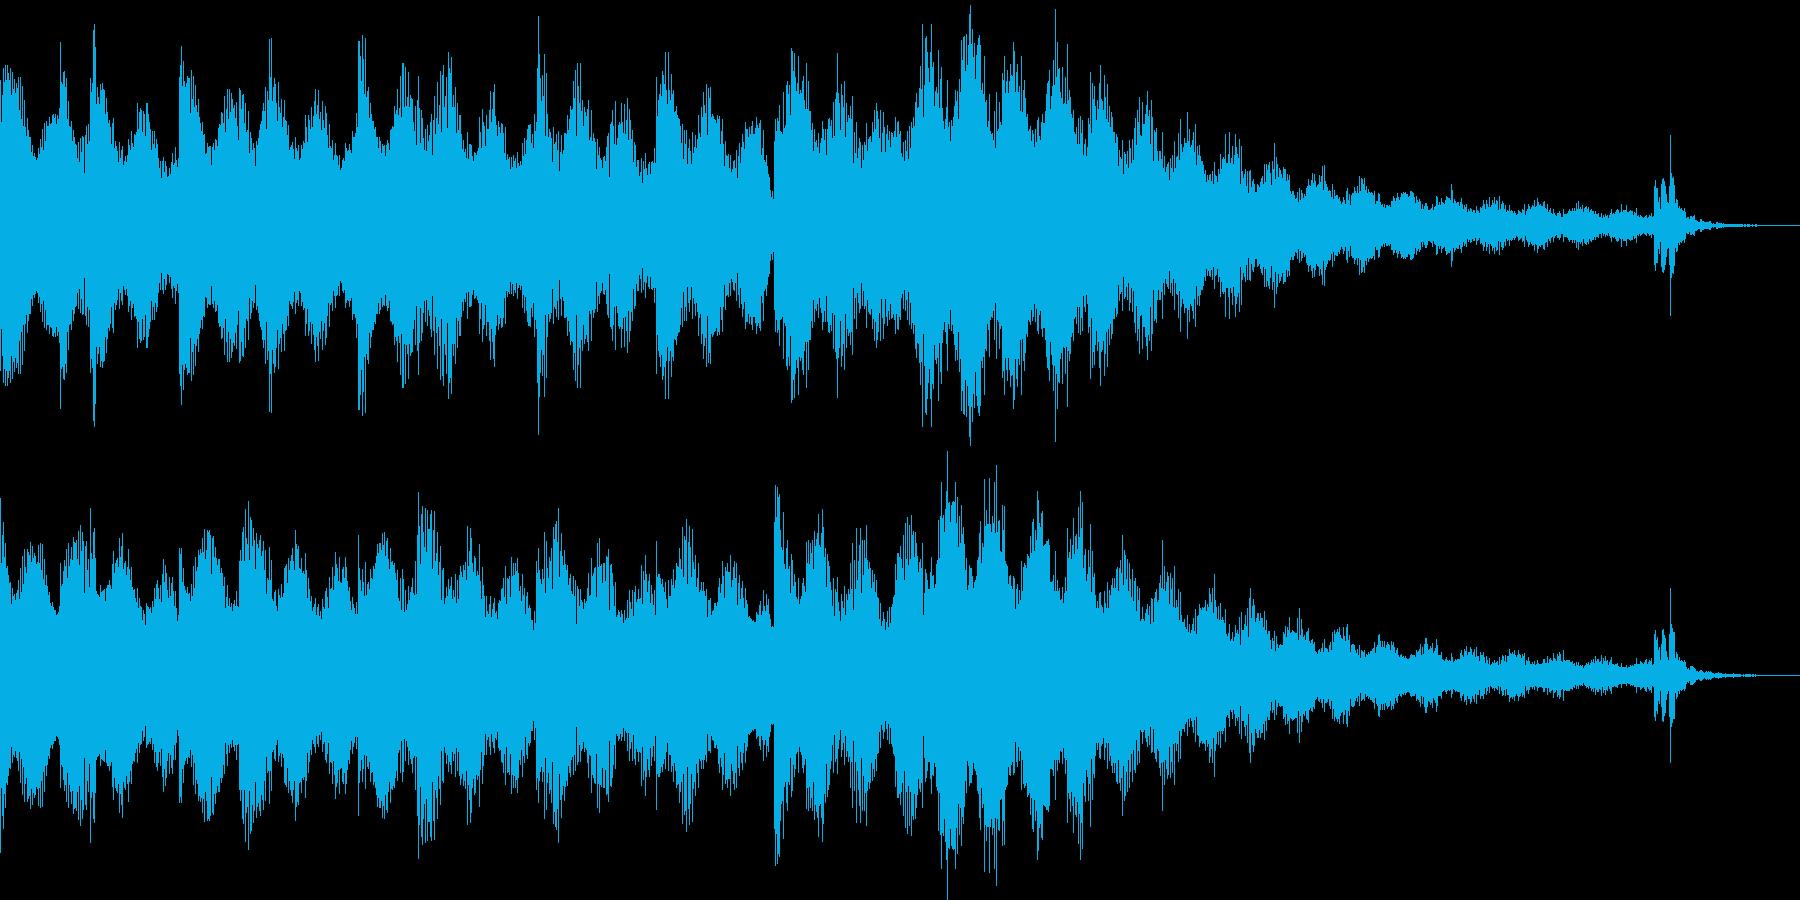 穏やかでジャジーなRhodesジングルの再生済みの波形